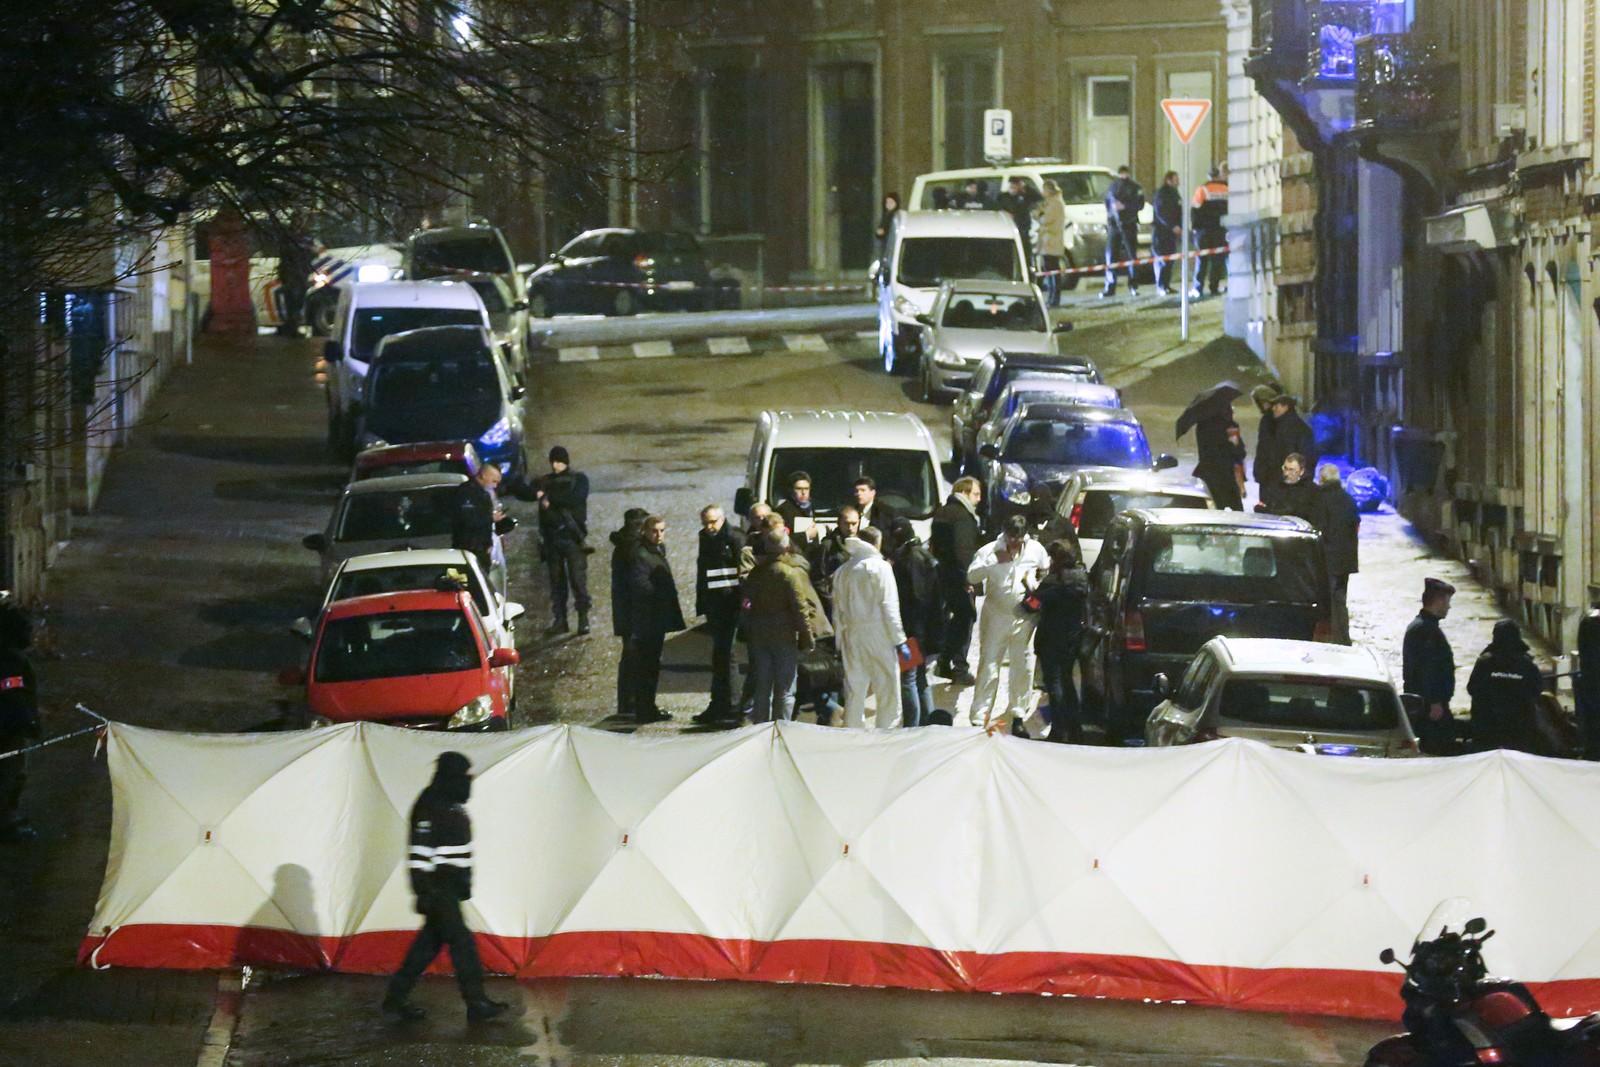 Belgisk politi mener terrorcellen som var mål for antiterroraksjonen i Verviers torsdag, var i ferd med å begå terrorangrep i stor skala.